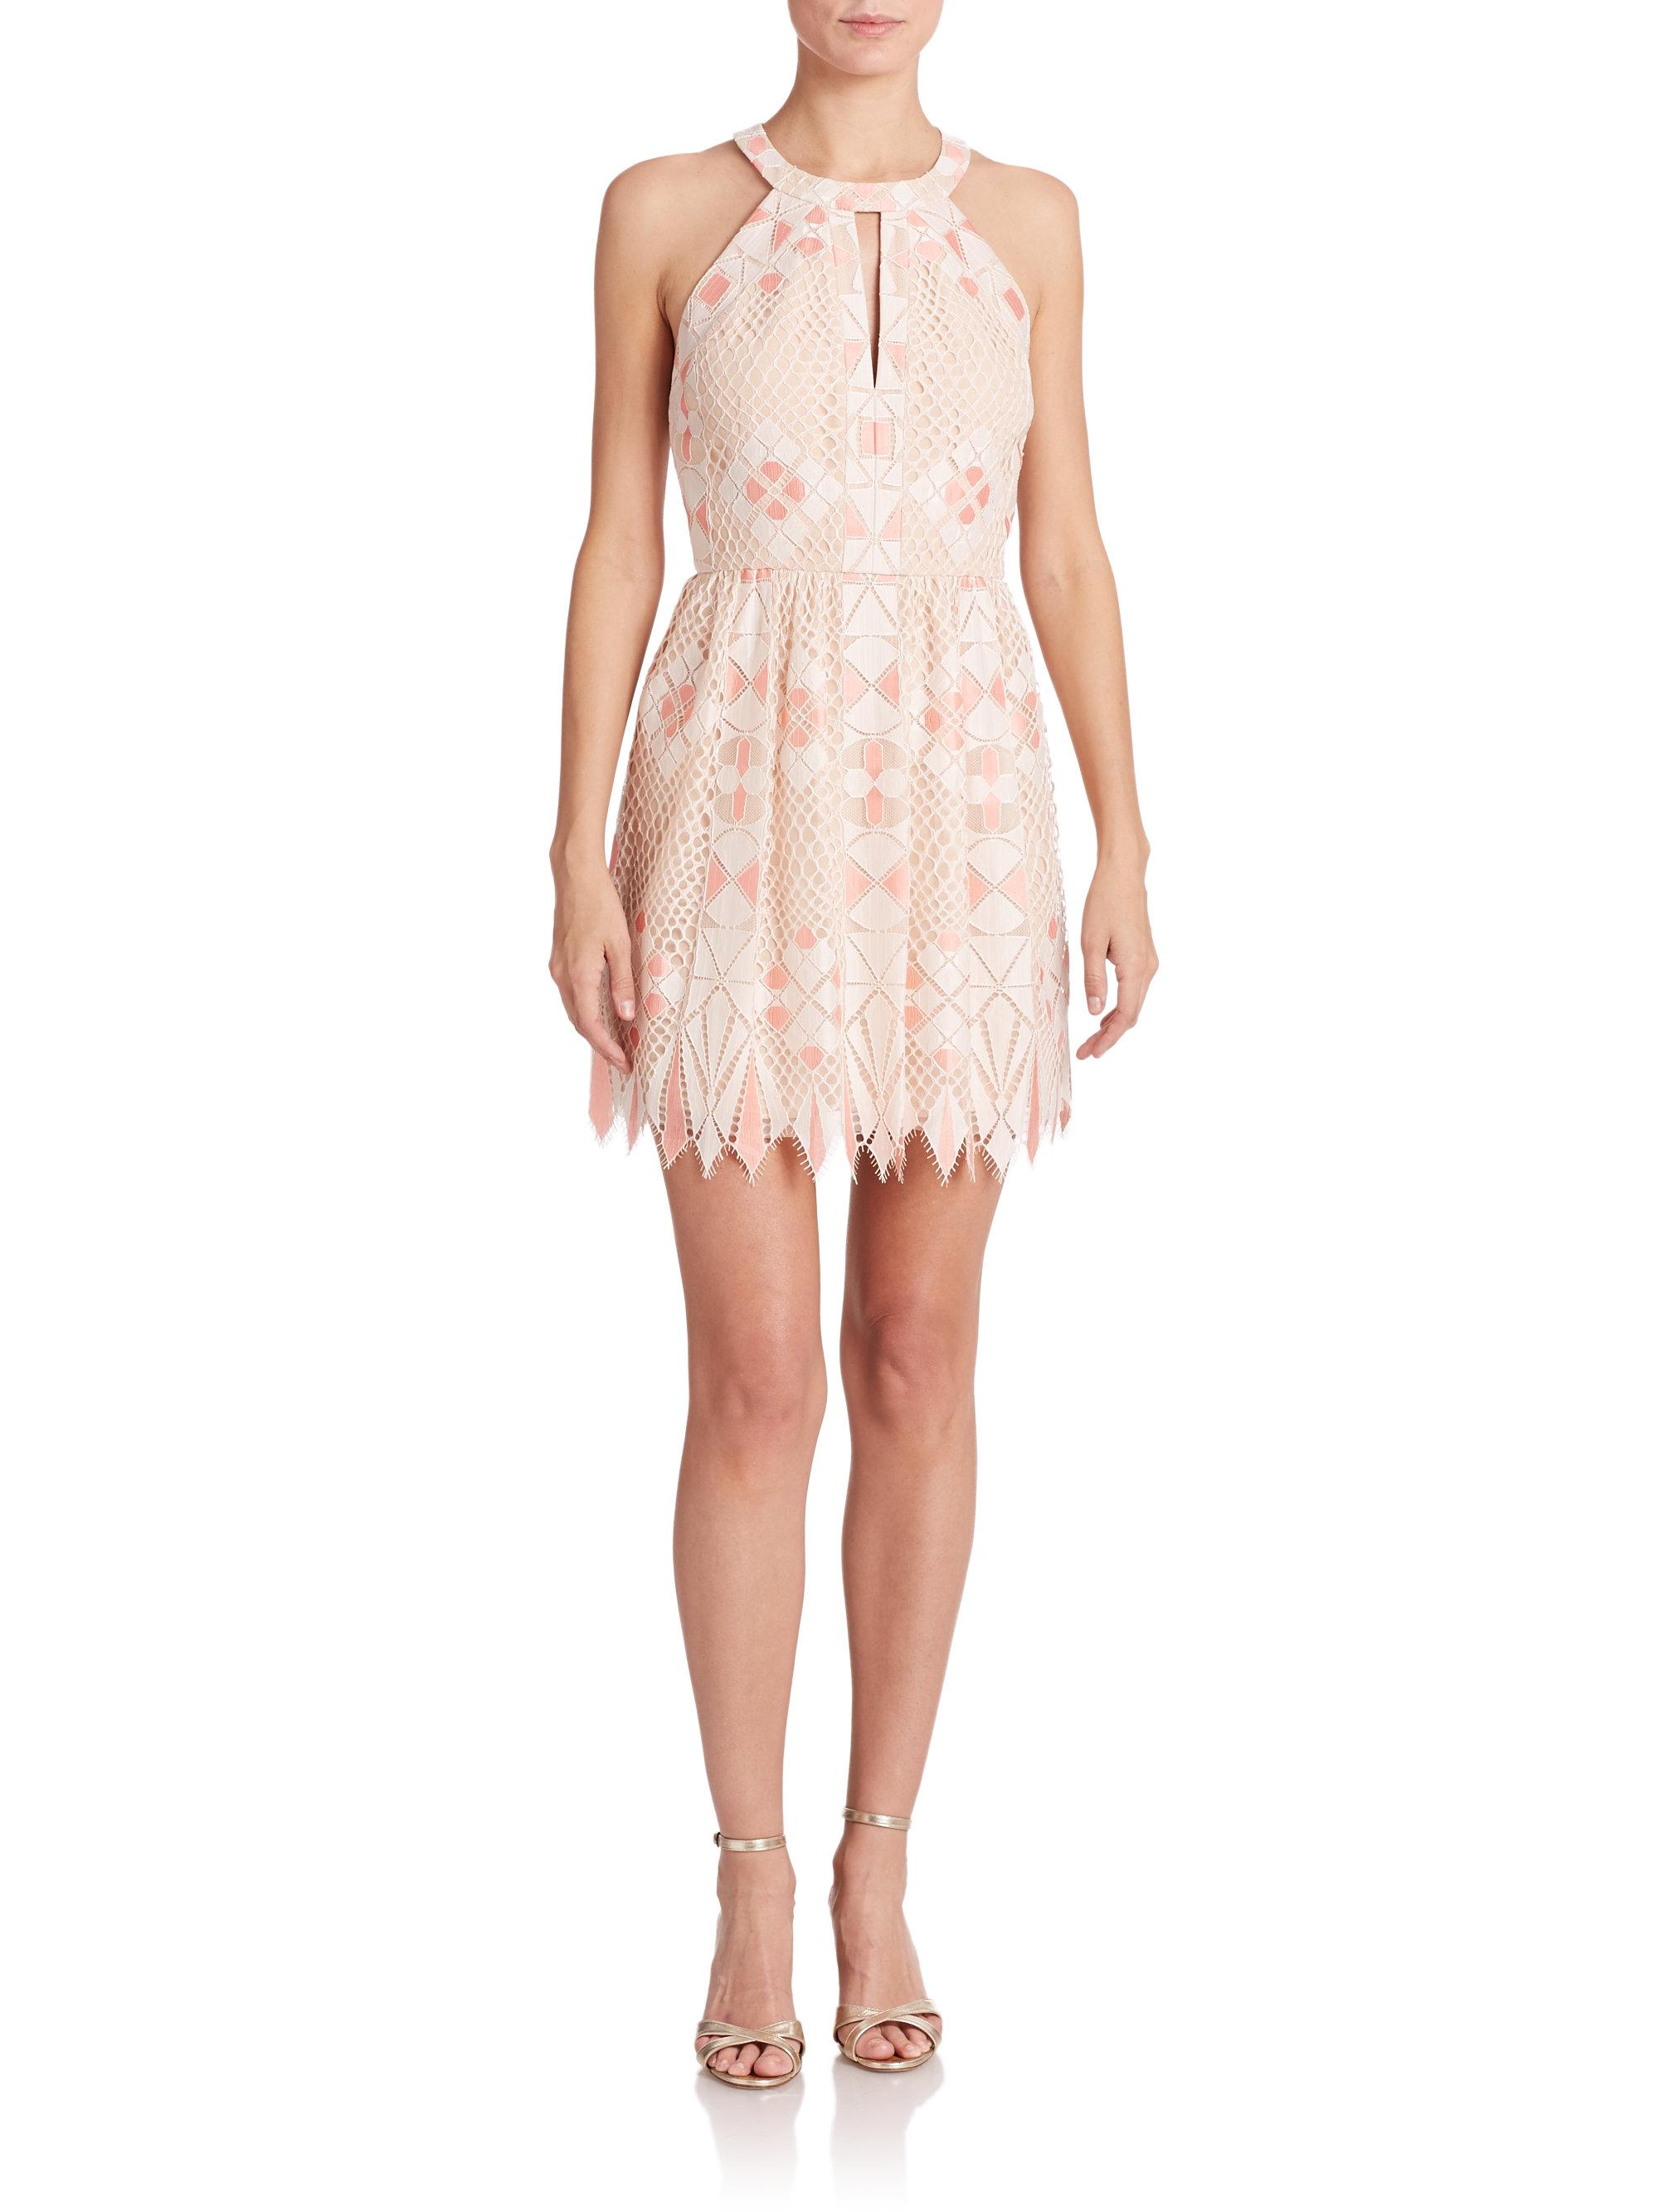 Bcbgmaxazria Carlita Scalloped-lace Halter Dress in White | Lyst